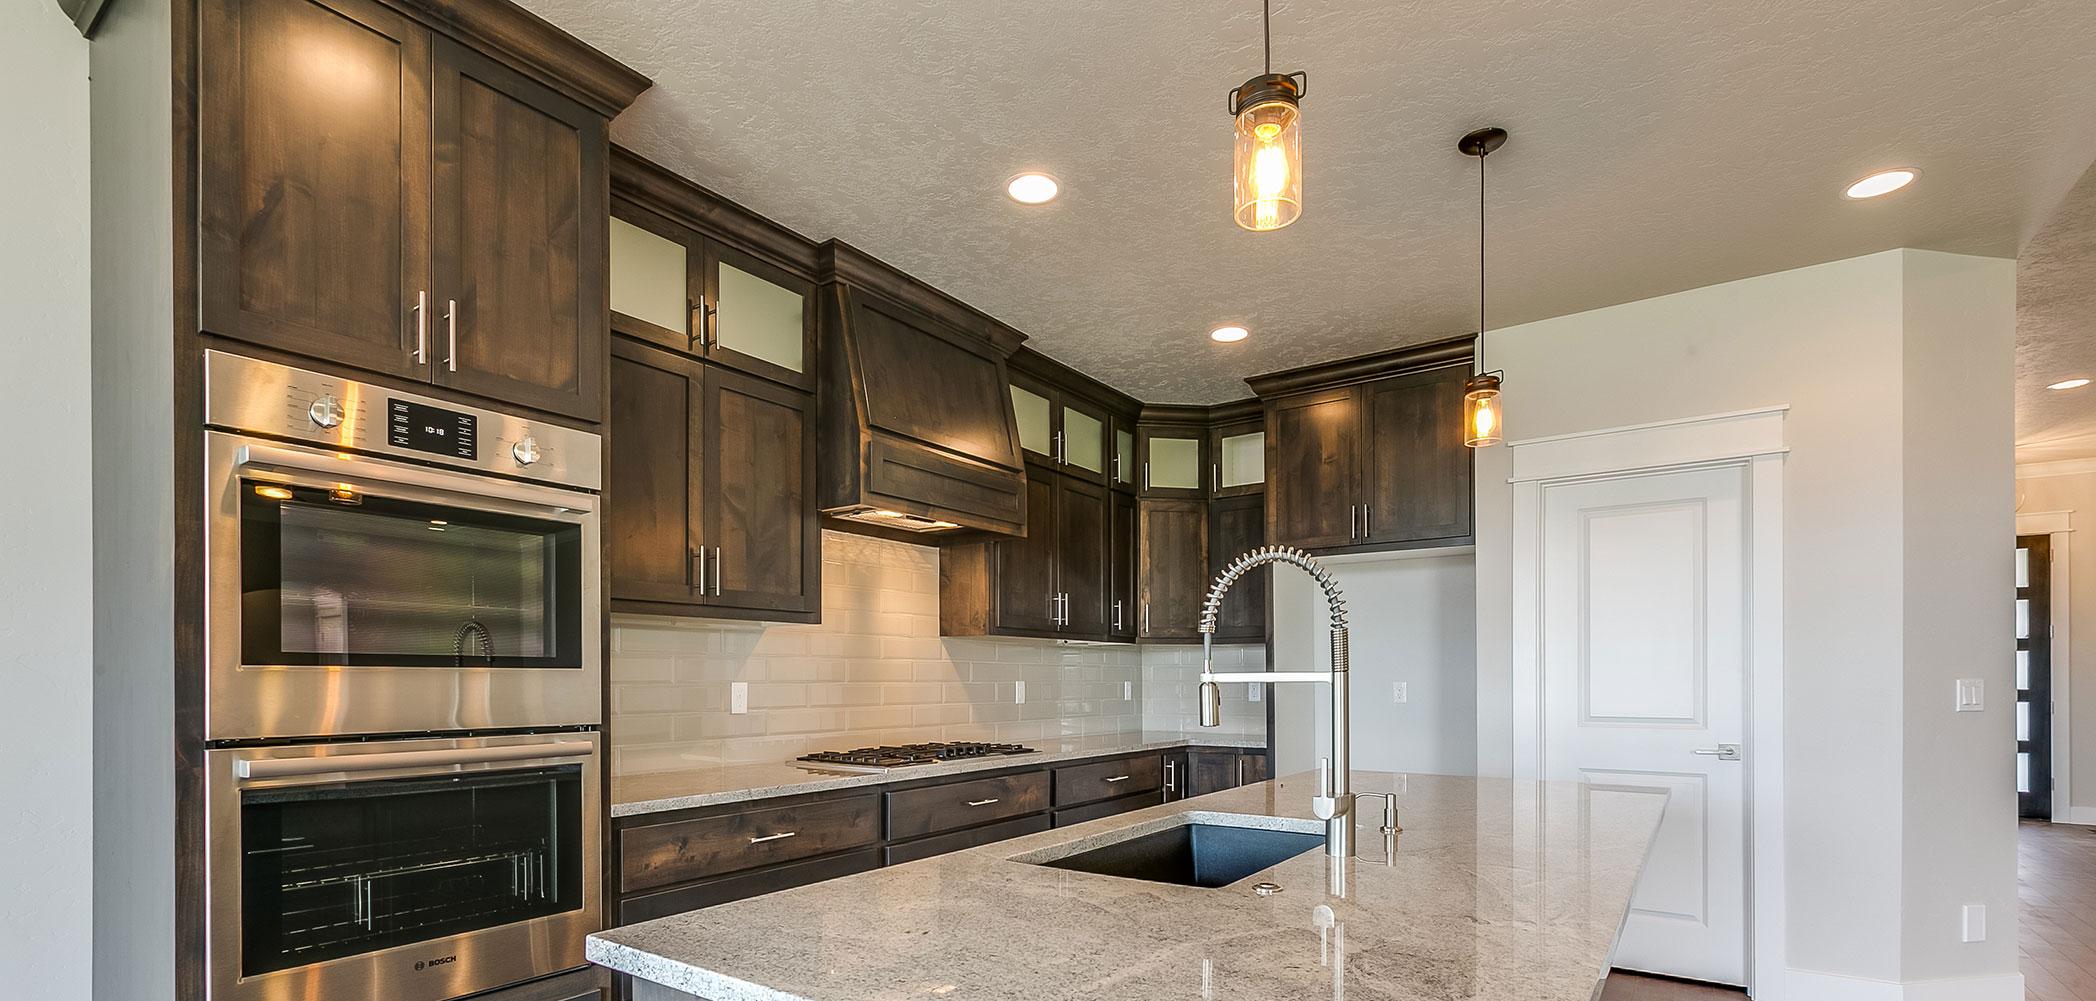 Custom Kitchen Cabinets Boise Idaho -  antler creek homes custom homes boise id